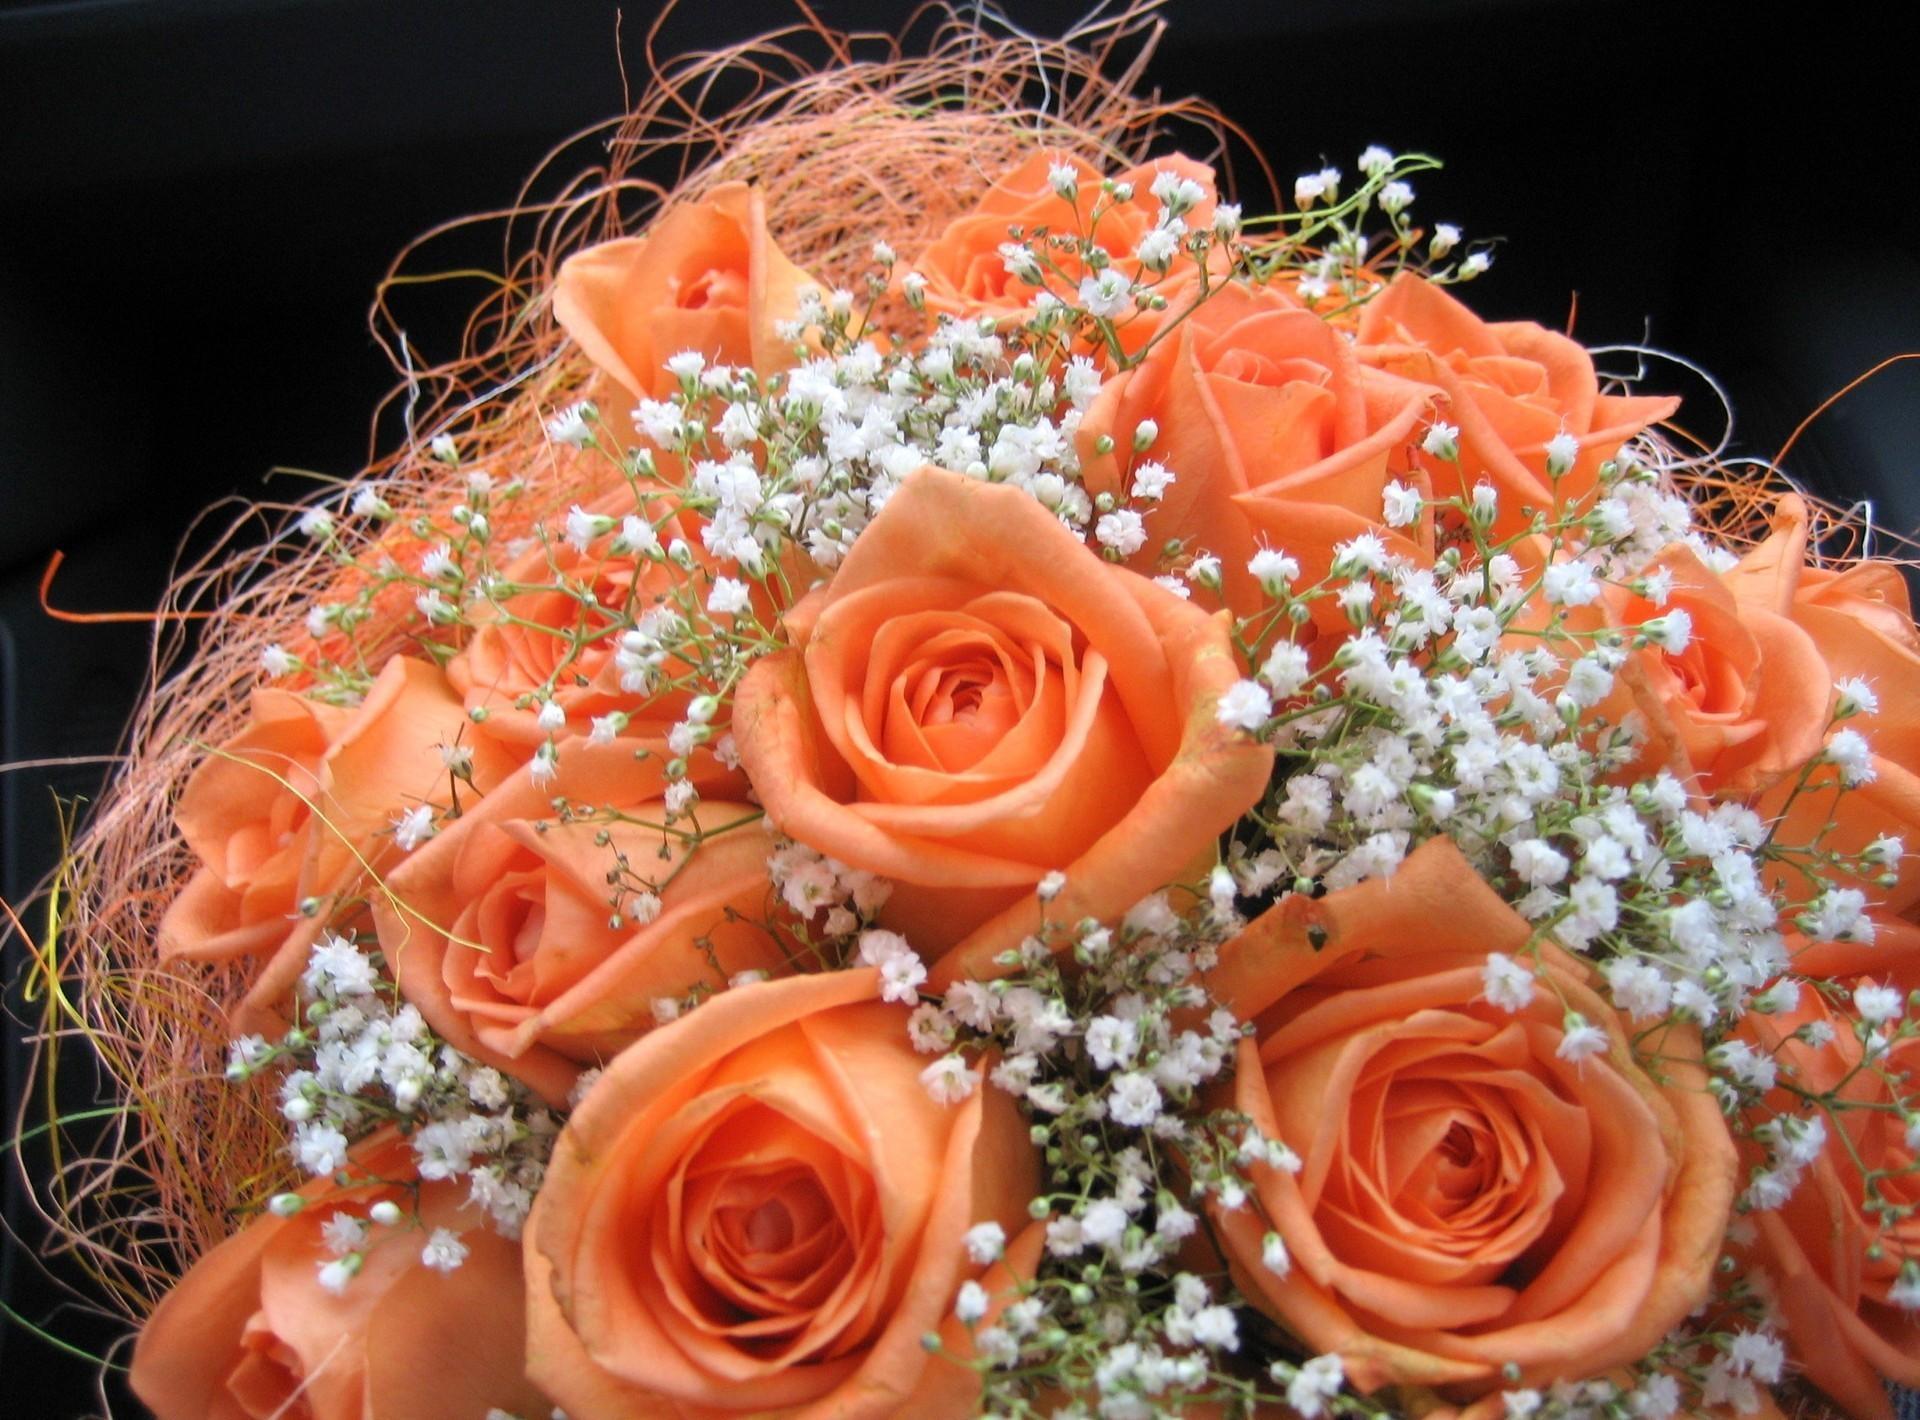 67393 скачать обои Розы, Цветы, Оформление, Букет, Гипсофил, Нежность - заставки и картинки бесплатно